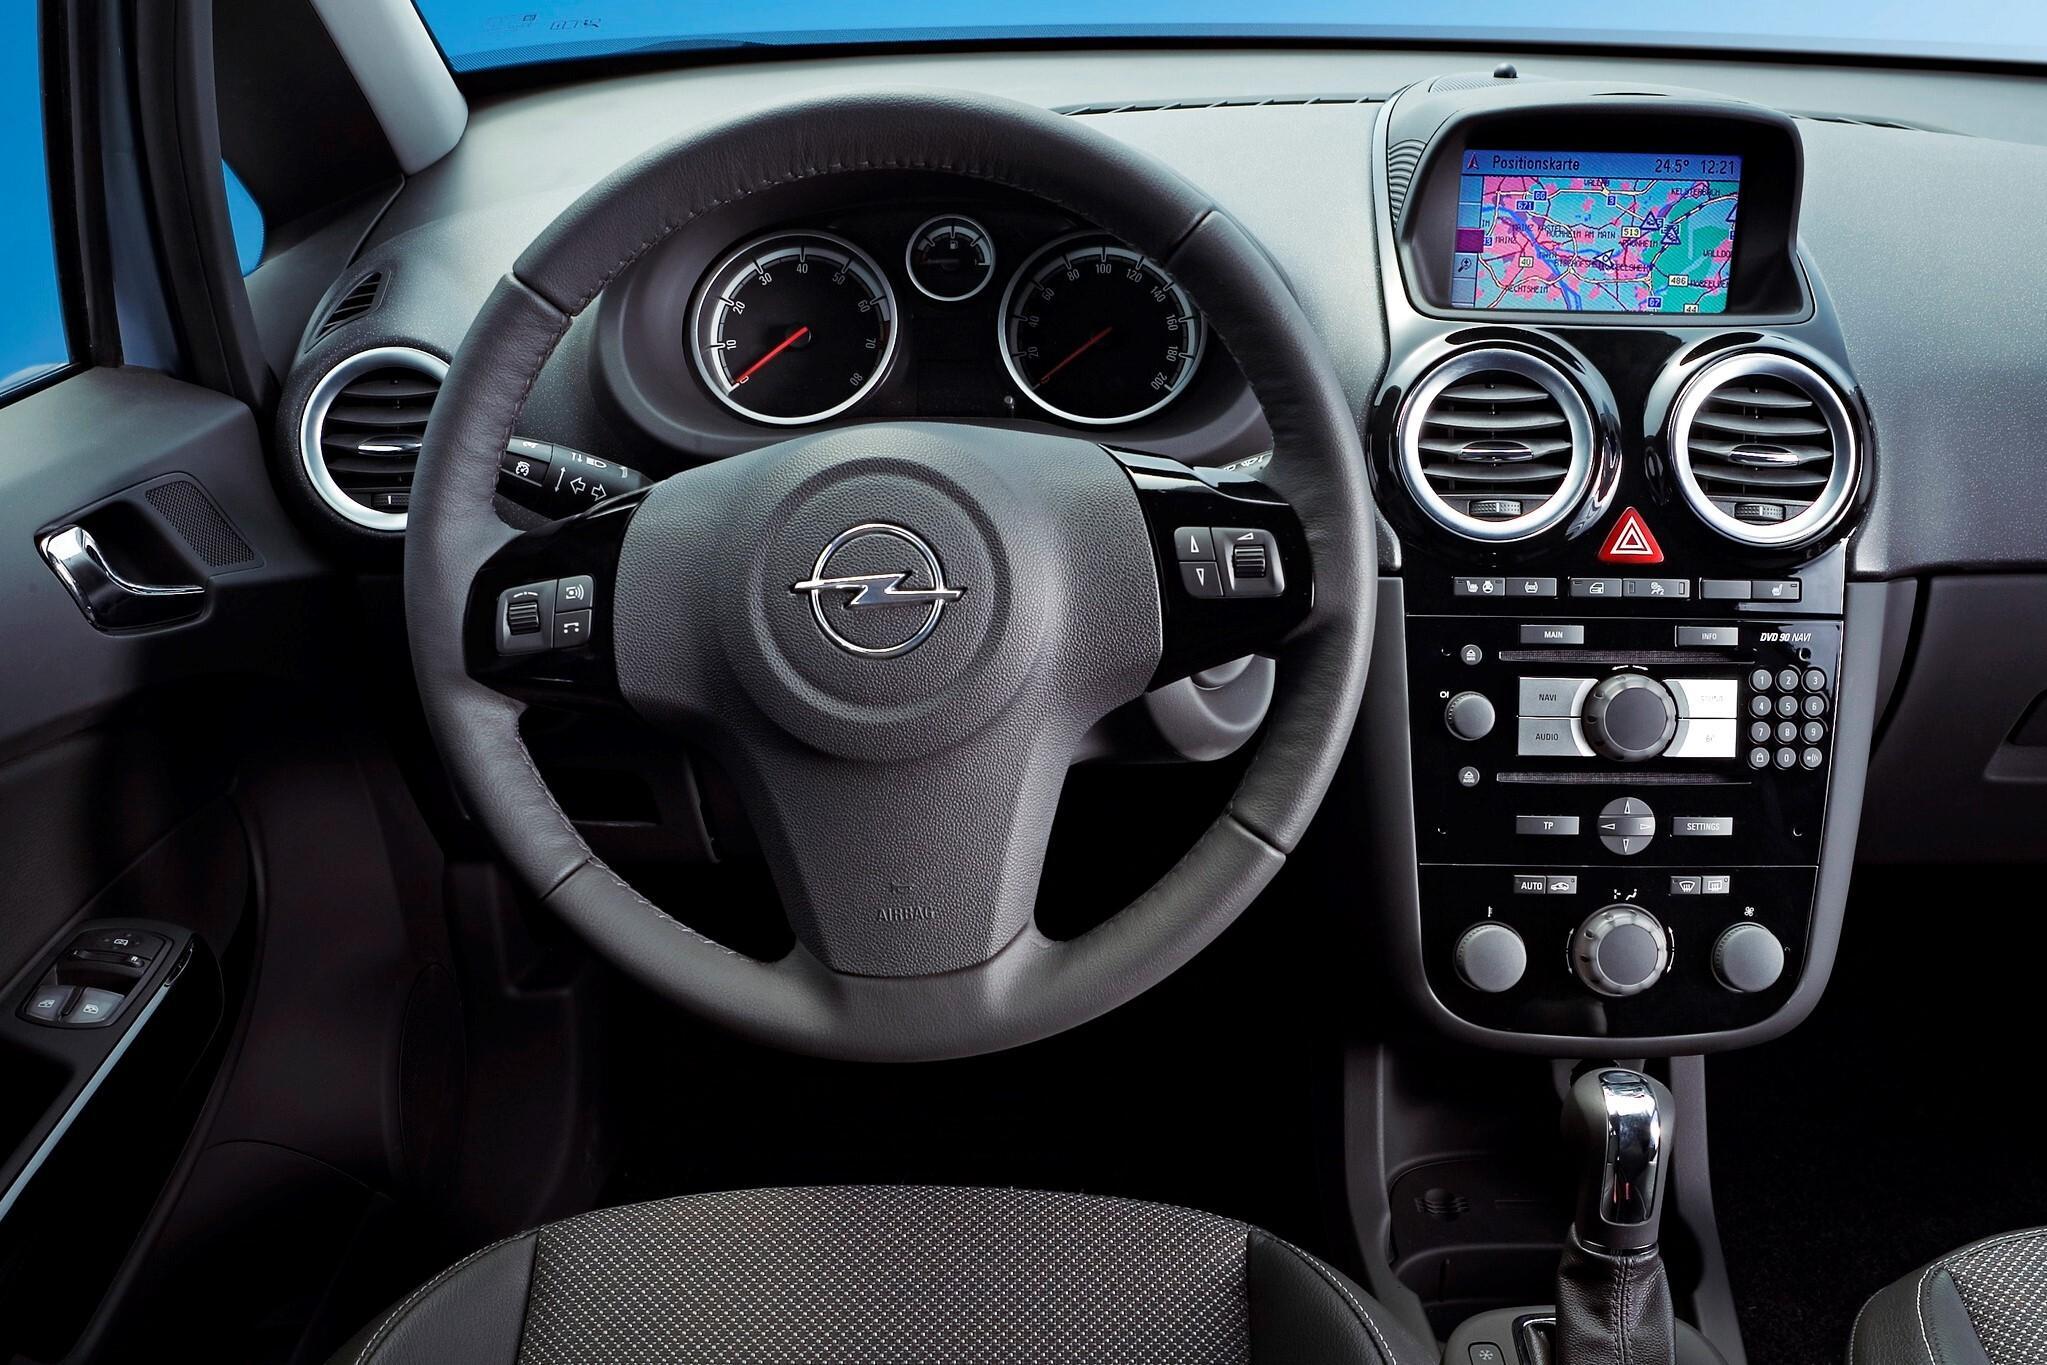 Цвета проводов питания колонок штатной аудиосистемы на Opel Corsa D